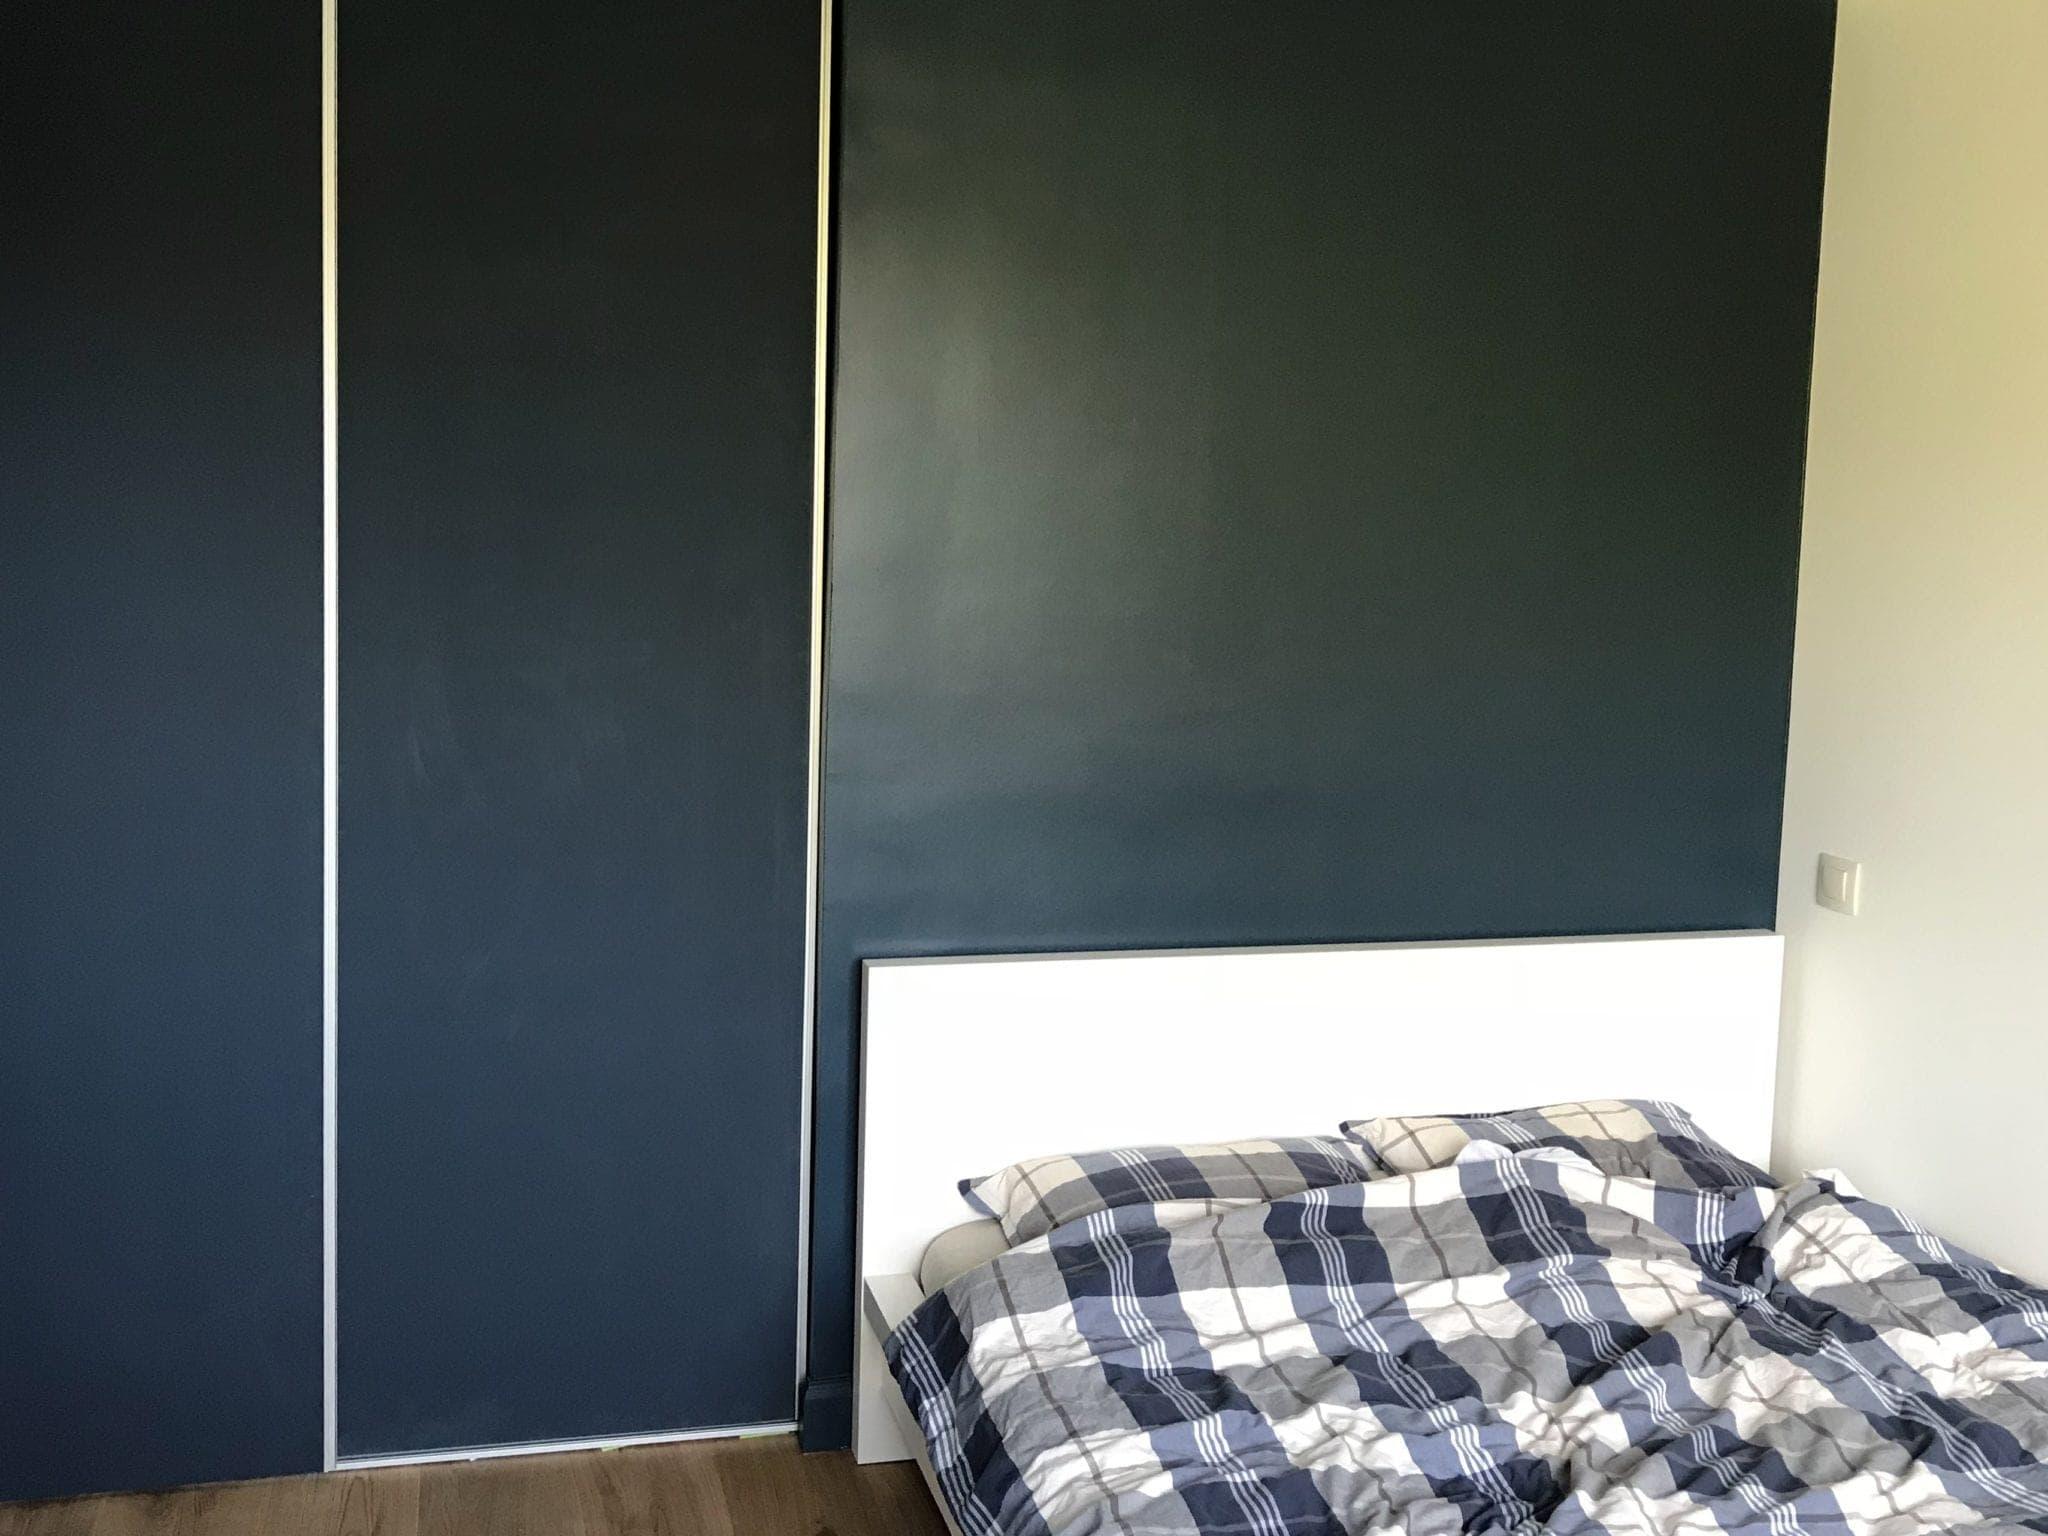 chambre rénovée avec intégration de placards